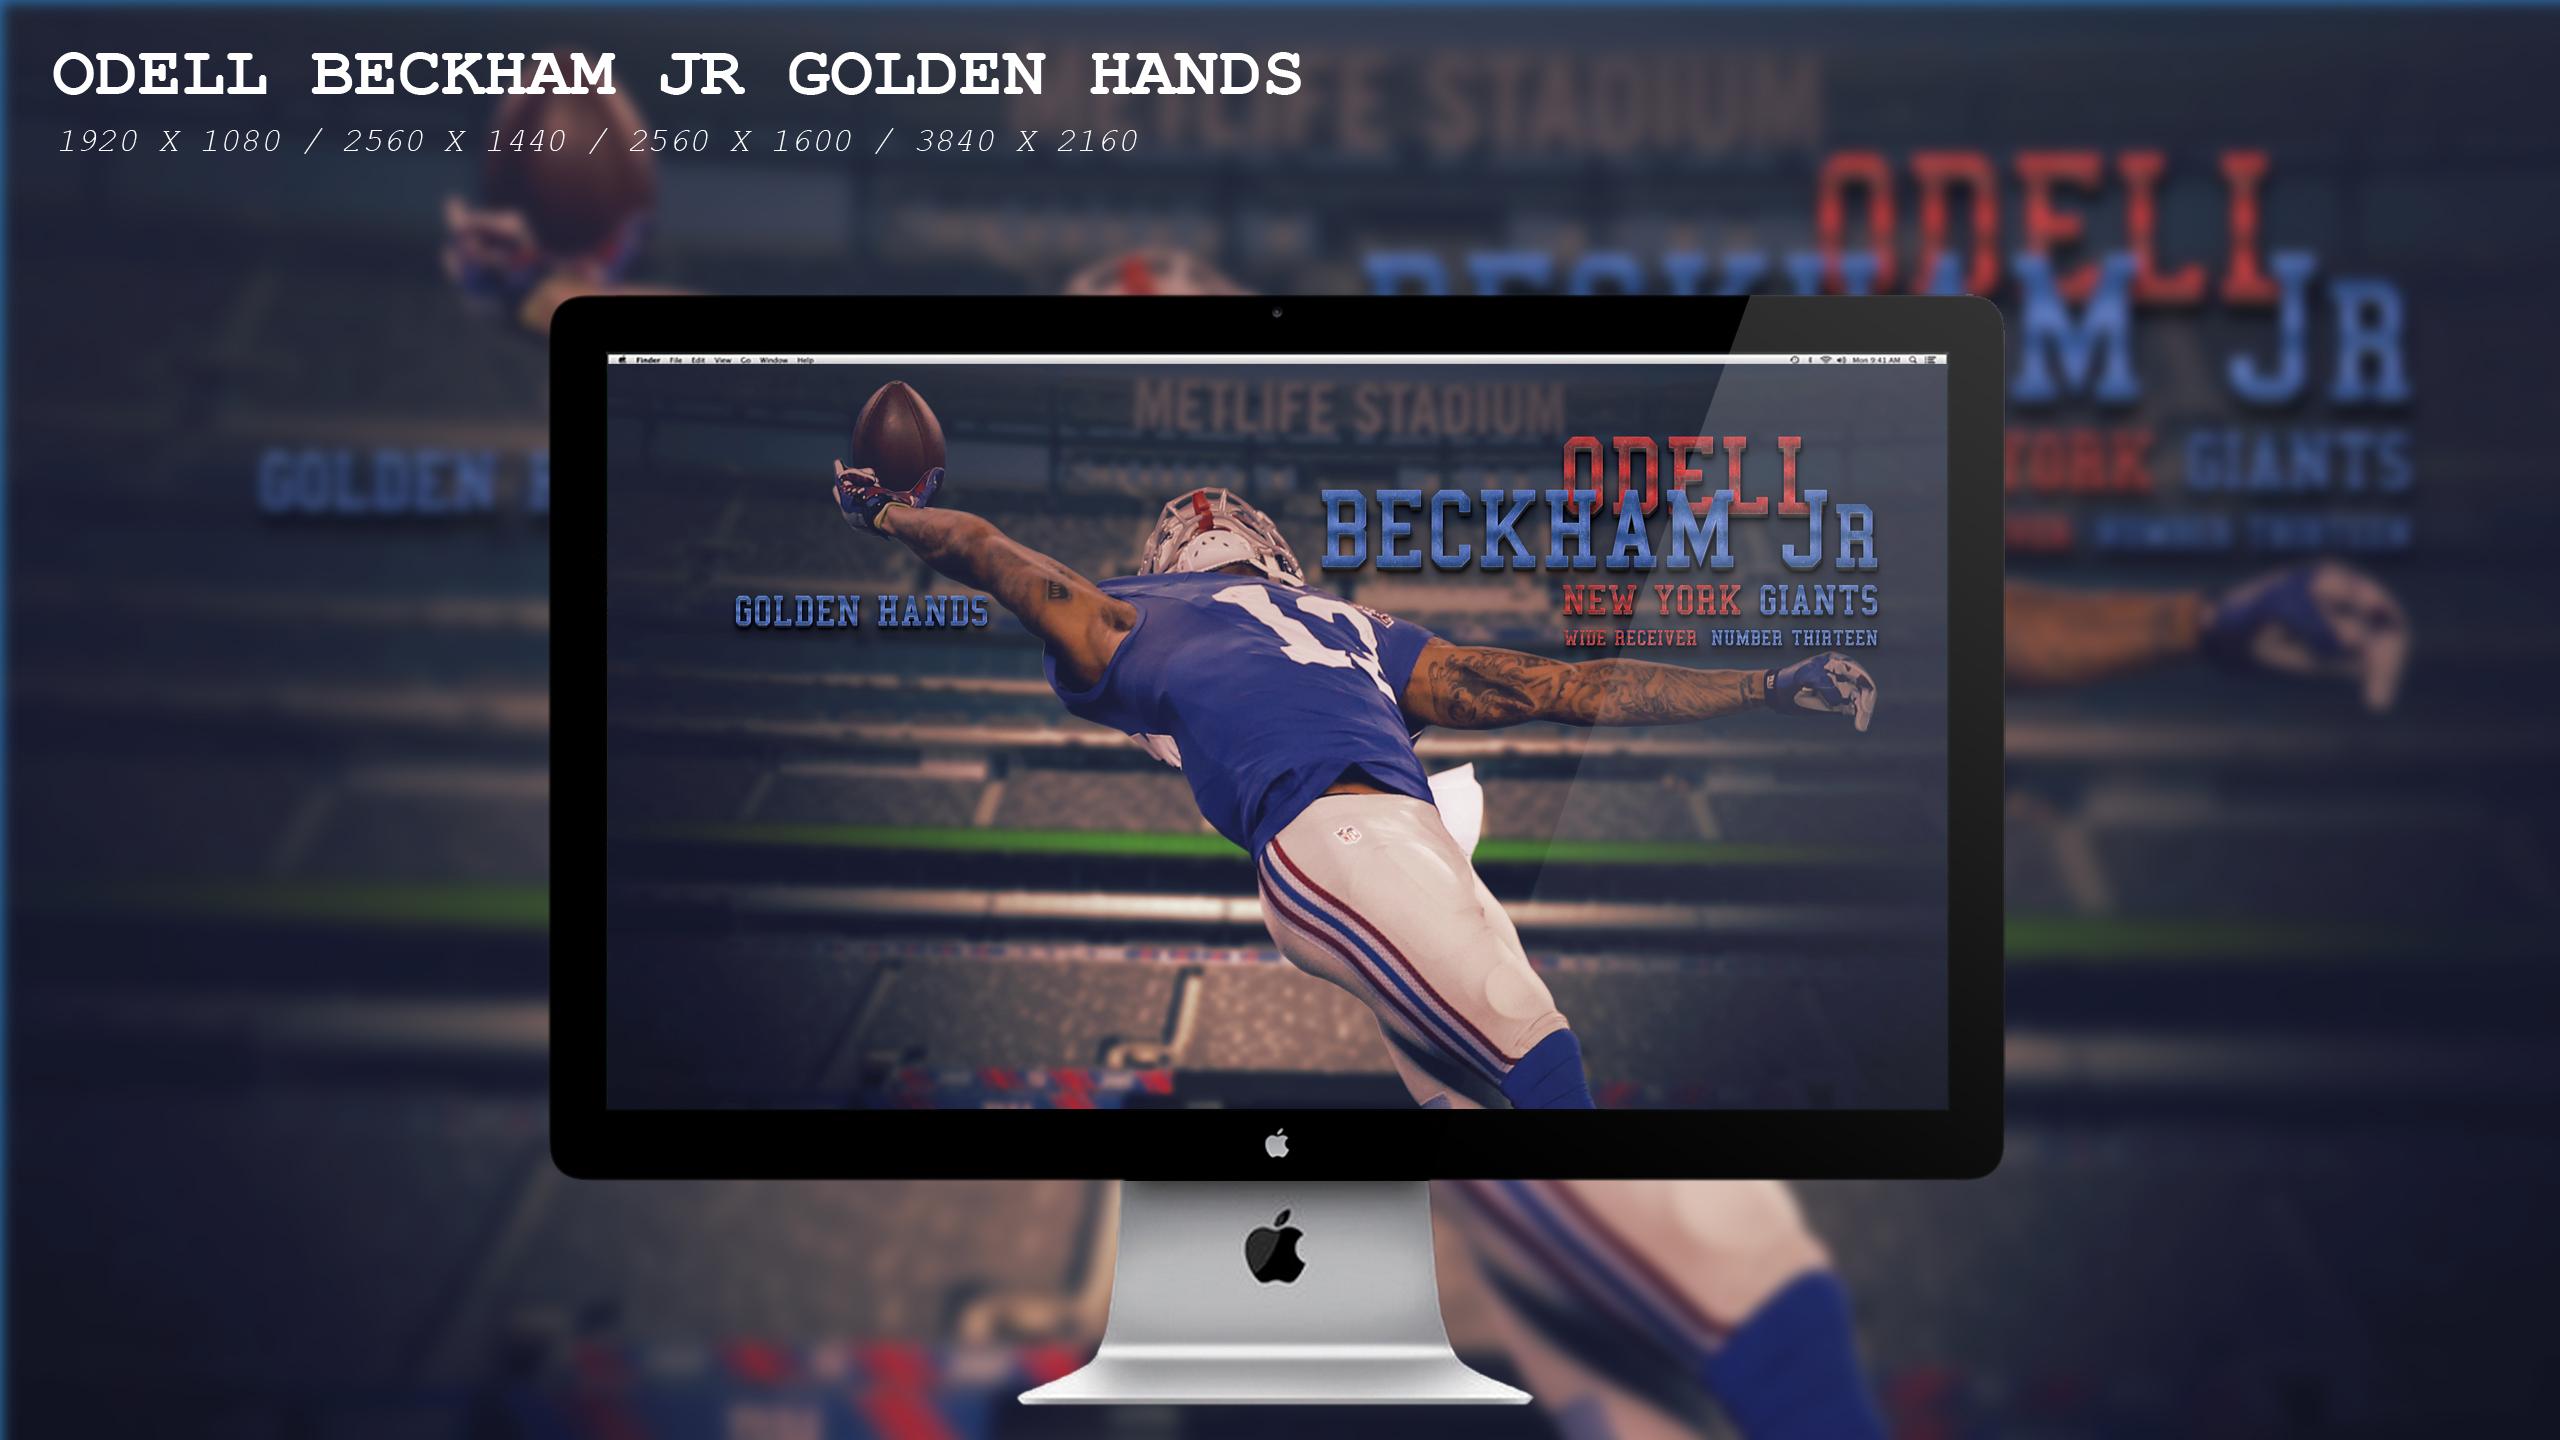 Odell Beckham Jr Golden Hands Wallpaper HD by BeAware8 2560x1440